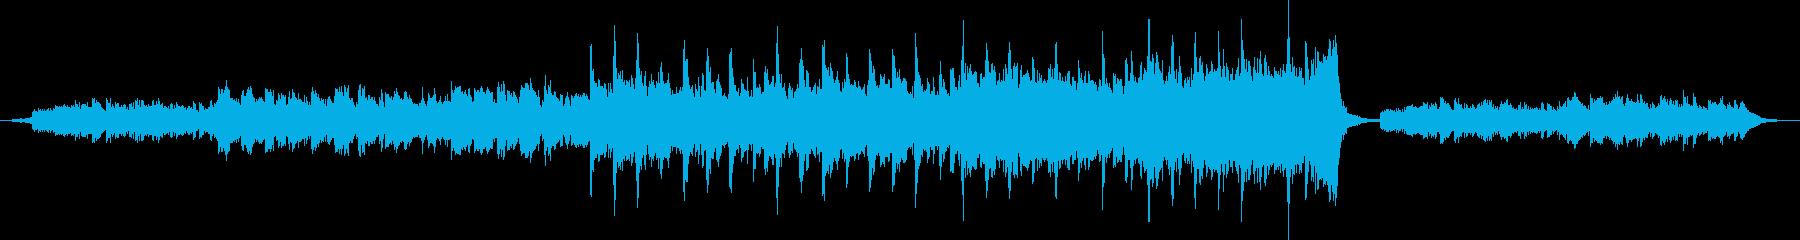 現代的 交響曲 コーポレート 広い...の再生済みの波形